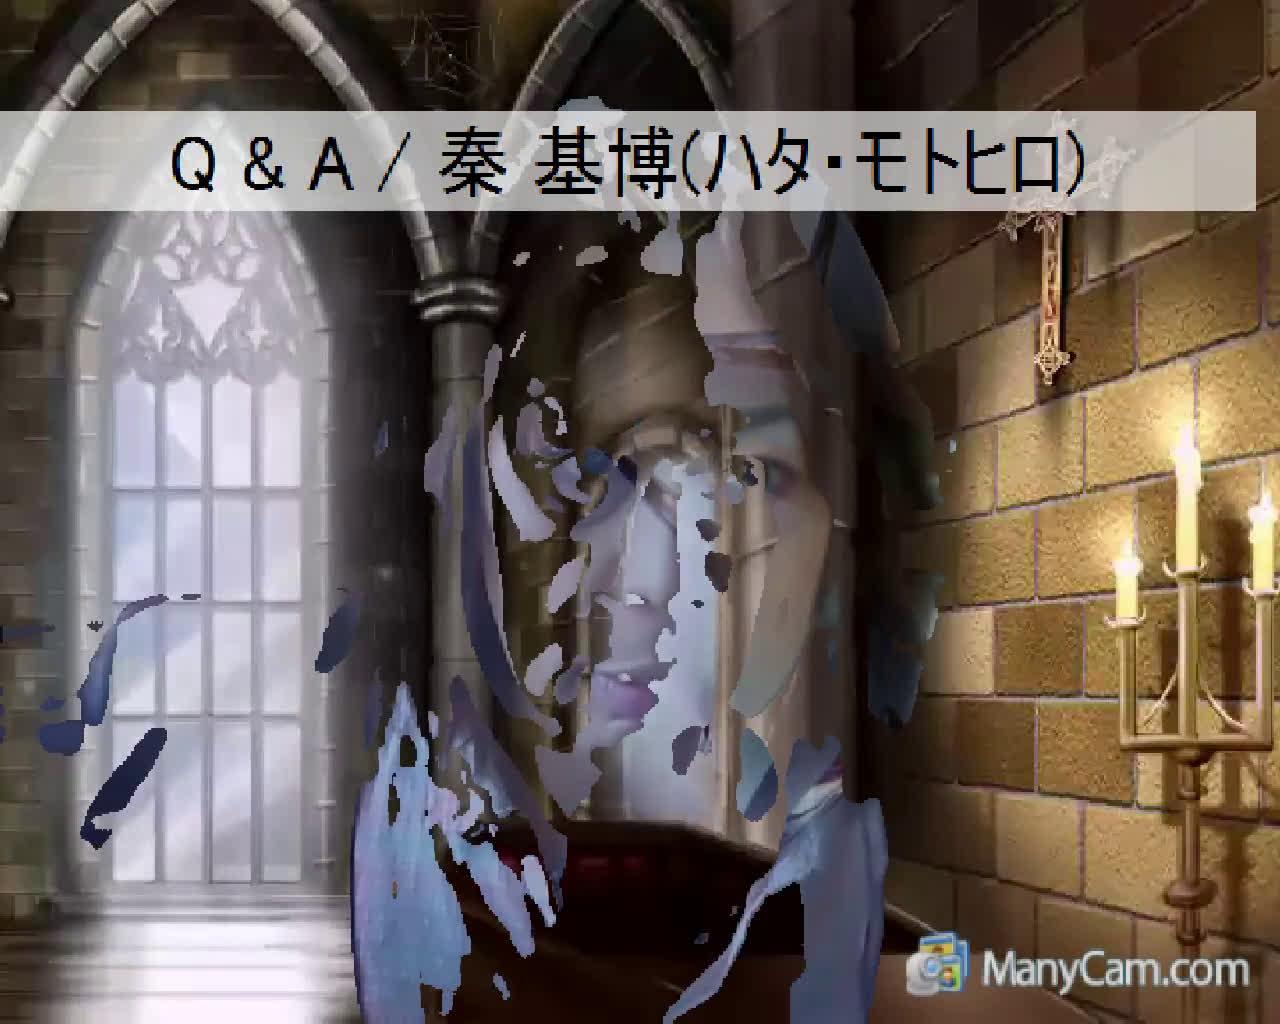 Q & A / 秦 基博(ハタ・モトヒロ)